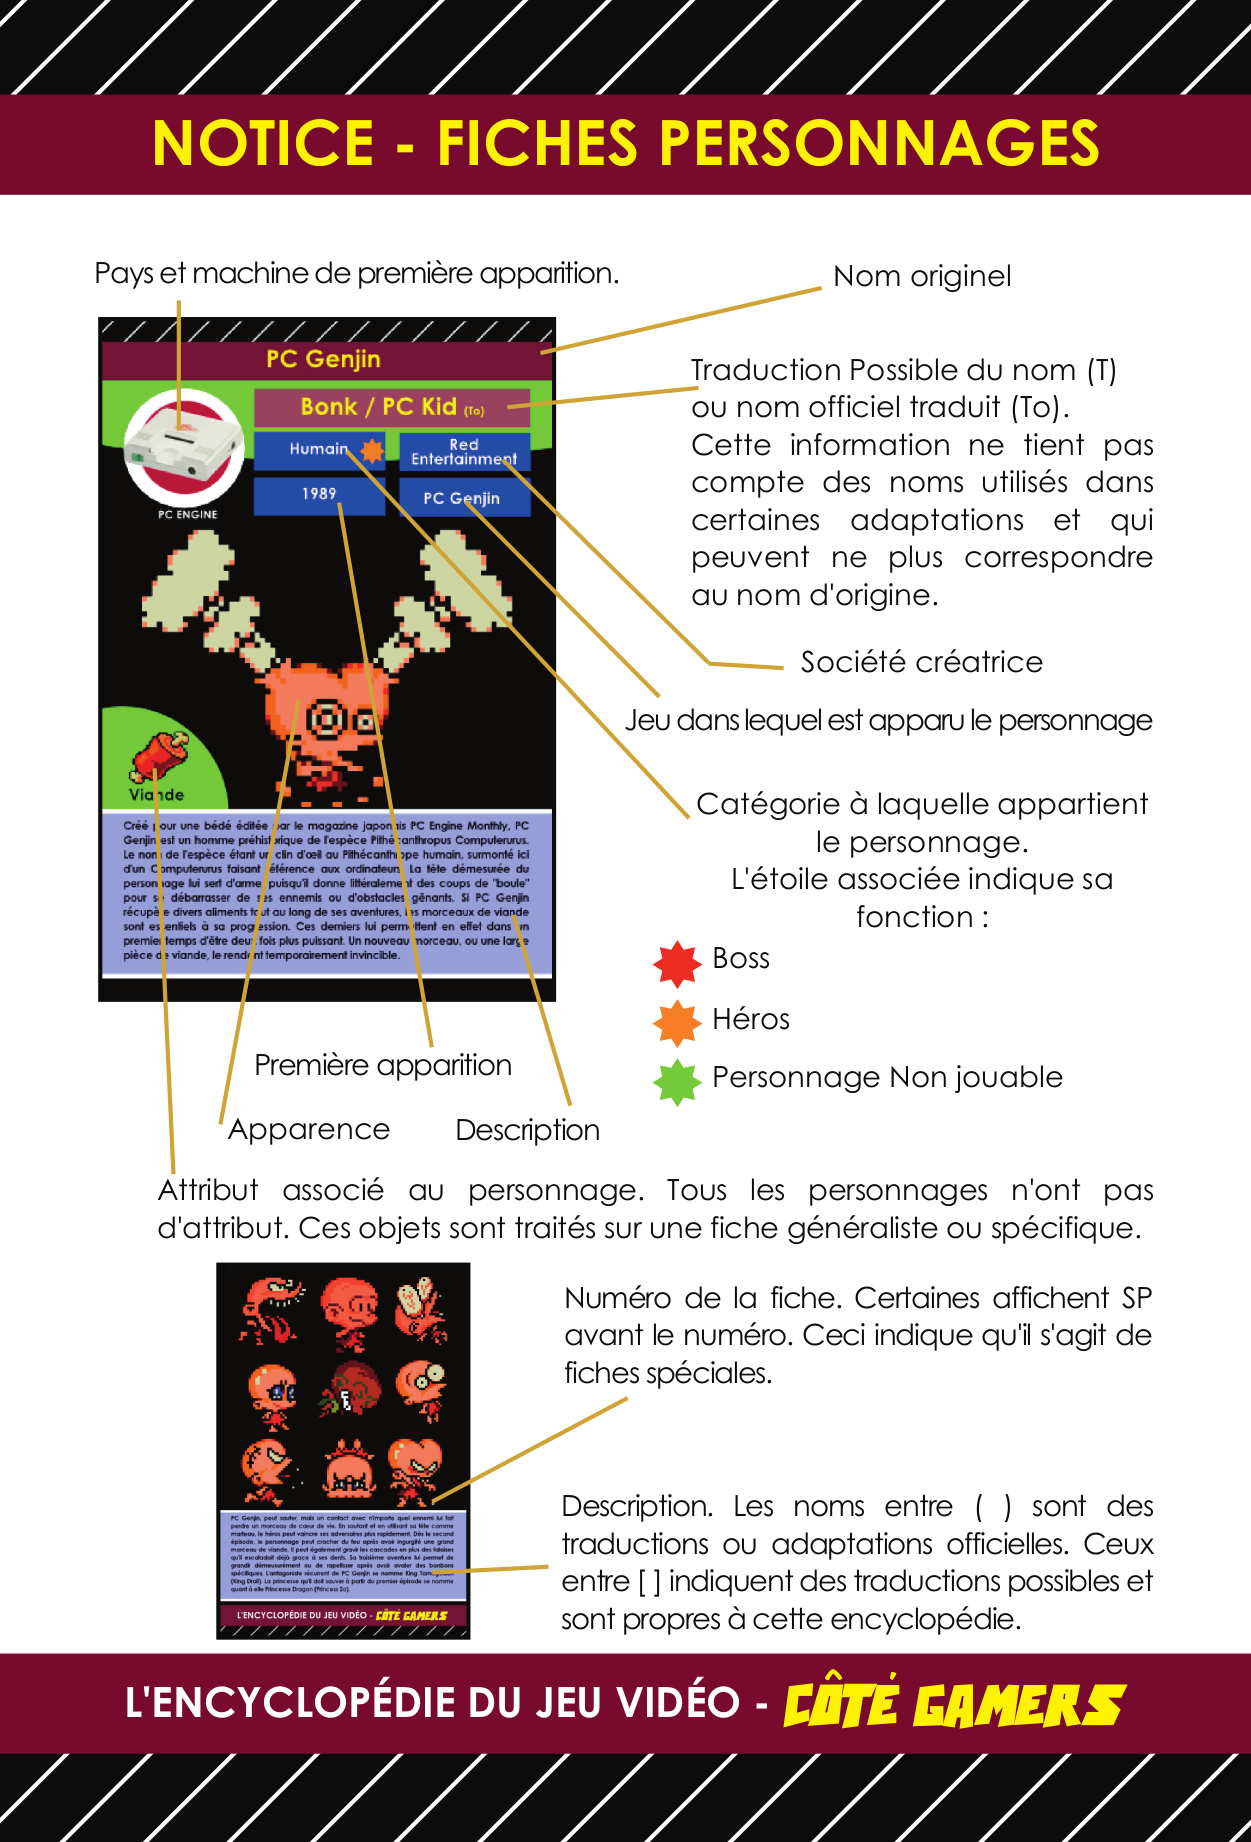 Fiches encyclopédie du jeu vidéo notice manuel fiches jeux et fiches personnages 2